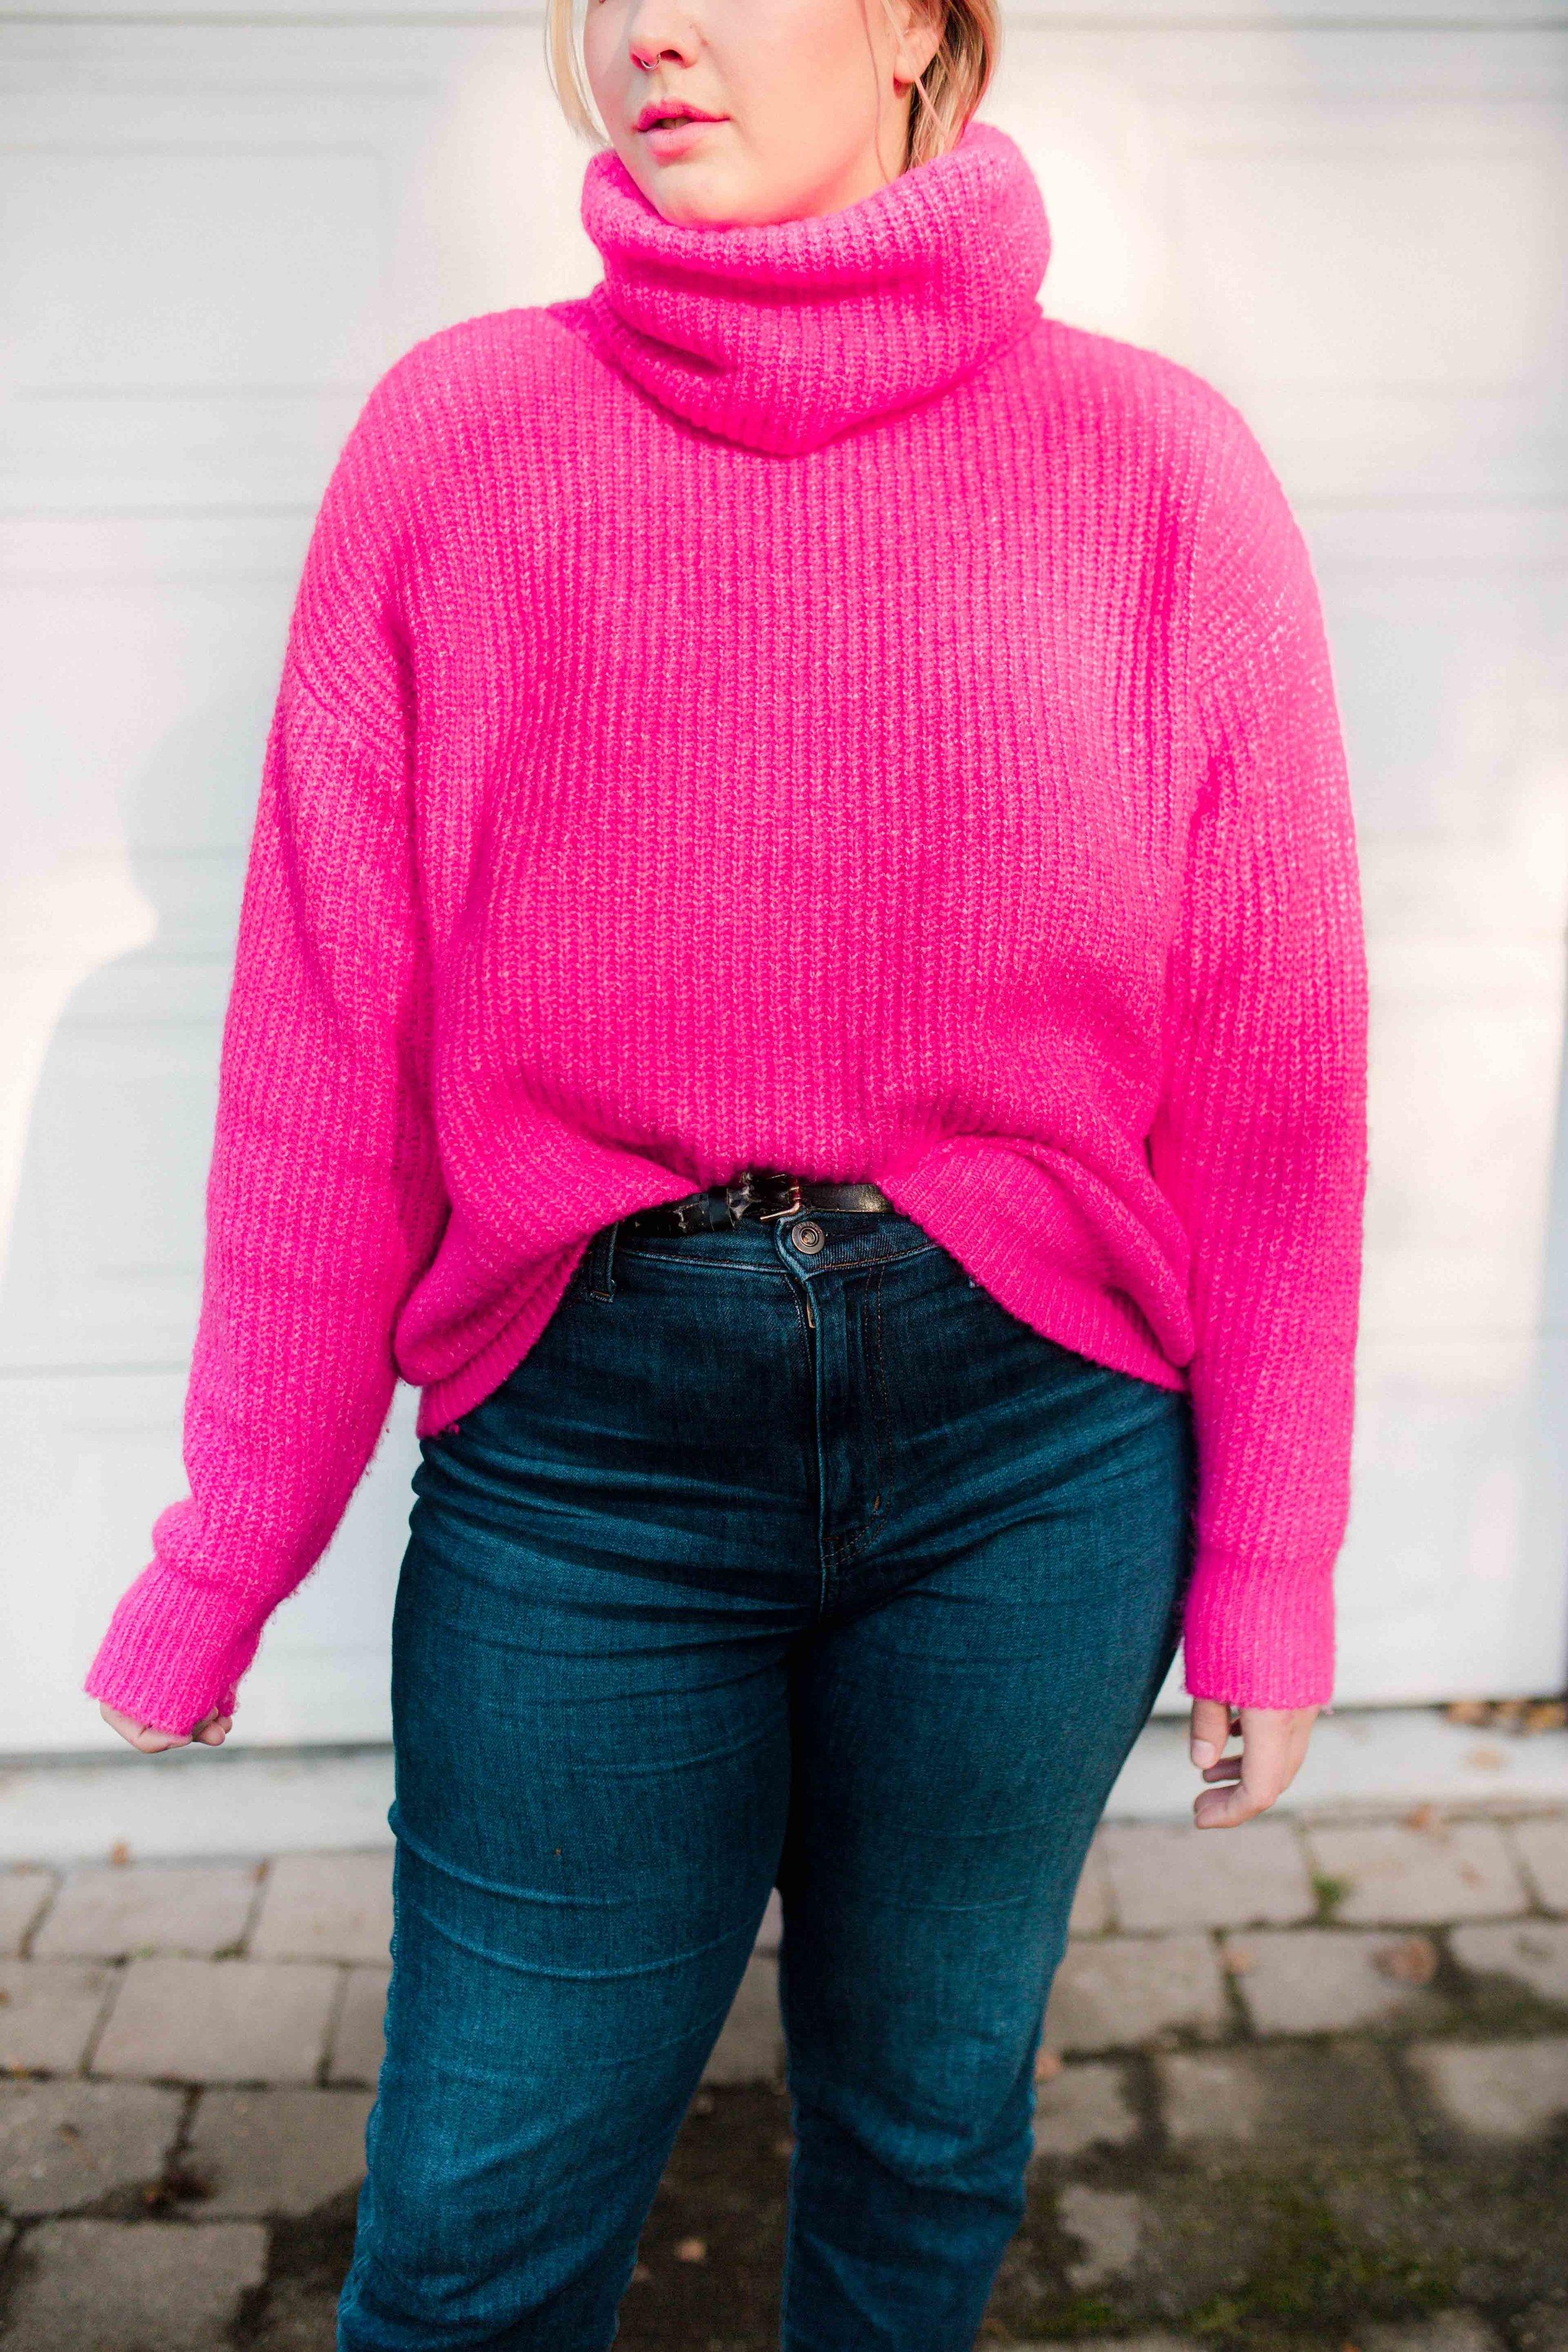 new-in-knitwear-bonjour-coley-9.jpg